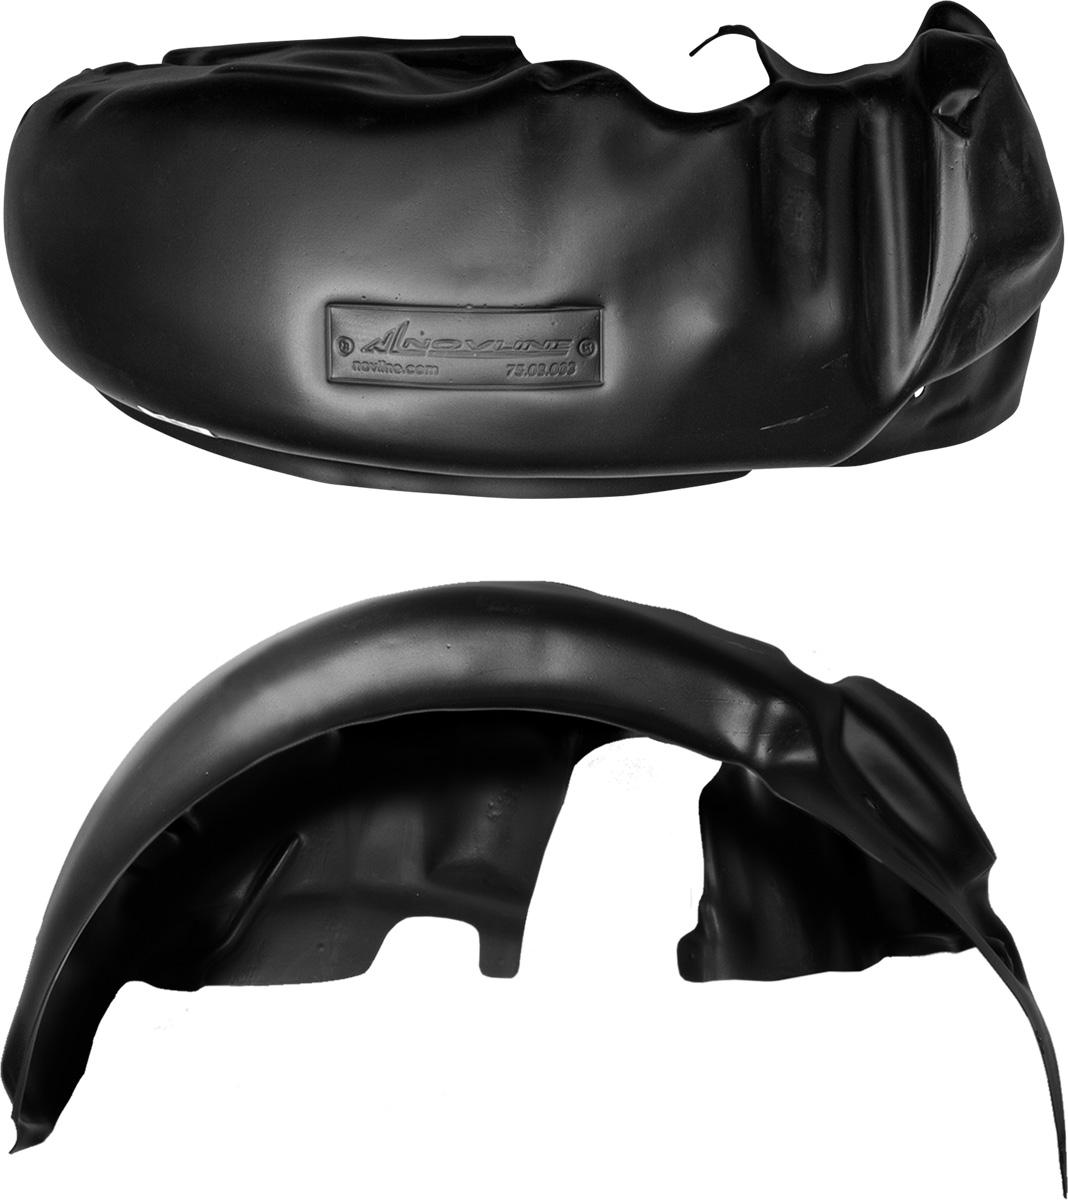 Подкрылок Novline-Autofamily, для Lada Granta, 2011->, задний левыйNLL.52.25.003Колесные ниши - одни из самых уязвимых зон днища вашего автомобиля. Они постоянно подвергаются воздействию со стороны дороги. Лучшая, почти абсолютная защита для них - специально отформованные пластиковые кожухи, которые называются подкрылками. Производятся они как для отечественных моделей автомобилей, так и для иномарок. Подкрылки Novline-Autofamily выполнены из высококачественного, экологически чистого пластика. Обеспечивают надежную защиту кузова автомобиля от пескоструйного эффекта и негативного влияния, агрессивных антигололедных реагентов. Пластик обладает более низкой теплопроводностью, чем металл, поэтому в зимний период эксплуатации использование пластиковых подкрылков позволяет лучше защитить колесные ниши от налипания снега и образования наледи. Оригинальность конструкции подчеркивает элегантность автомобиля, бережно защищает нанесенное на днище кузова антикоррозийное покрытие и позволяет осуществить крепление подкрылков внутри колесной арки практически без...